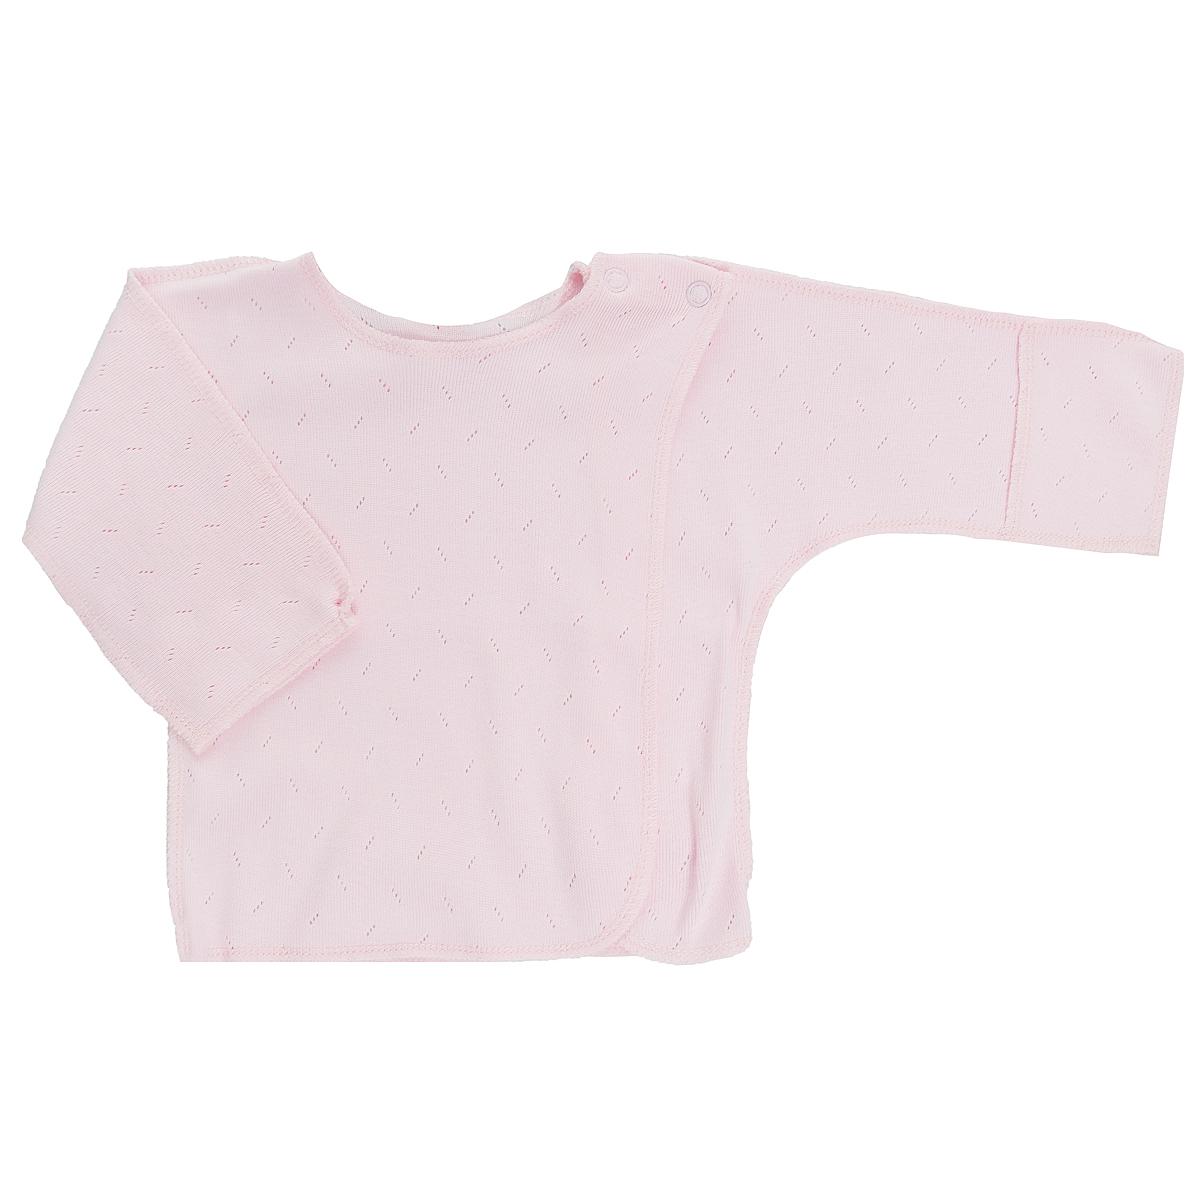 Распашонка Lucky Child Ажур цвет: розовый. 0-8. Размер 56/620-8Распашонка для новорожденного Lucky Child Ажур с длинными рукавами послужит идеальным дополнением к гардеробу вашего малыша, обеспечивая ему наибольший комфорт. Распашонка изготовлена из натурального хлопка, благодаря чему она необычайно мягкая и легкая, не раздражает нежную кожу ребенка и хорошо вентилируется, а эластичные швы приятны телу малыша и не препятствуют его движениям.Распашонка-кимоно для новорожденного, выполненная швами наружу, и украшенная ажурным узором, имеет кнопки по плечу, которые помогают с легкостью переодеть малыша. А благодаря рукавичкам ребенок не поцарапает себя. Ручки могут быть как открытыми, так и закрытыми. Распашонка полностью соответствует особенностям жизни ребенка в ранний период, не стесняя и не ограничивая его в движениях. В ней ваш малыш всегда будет в центре внимания.